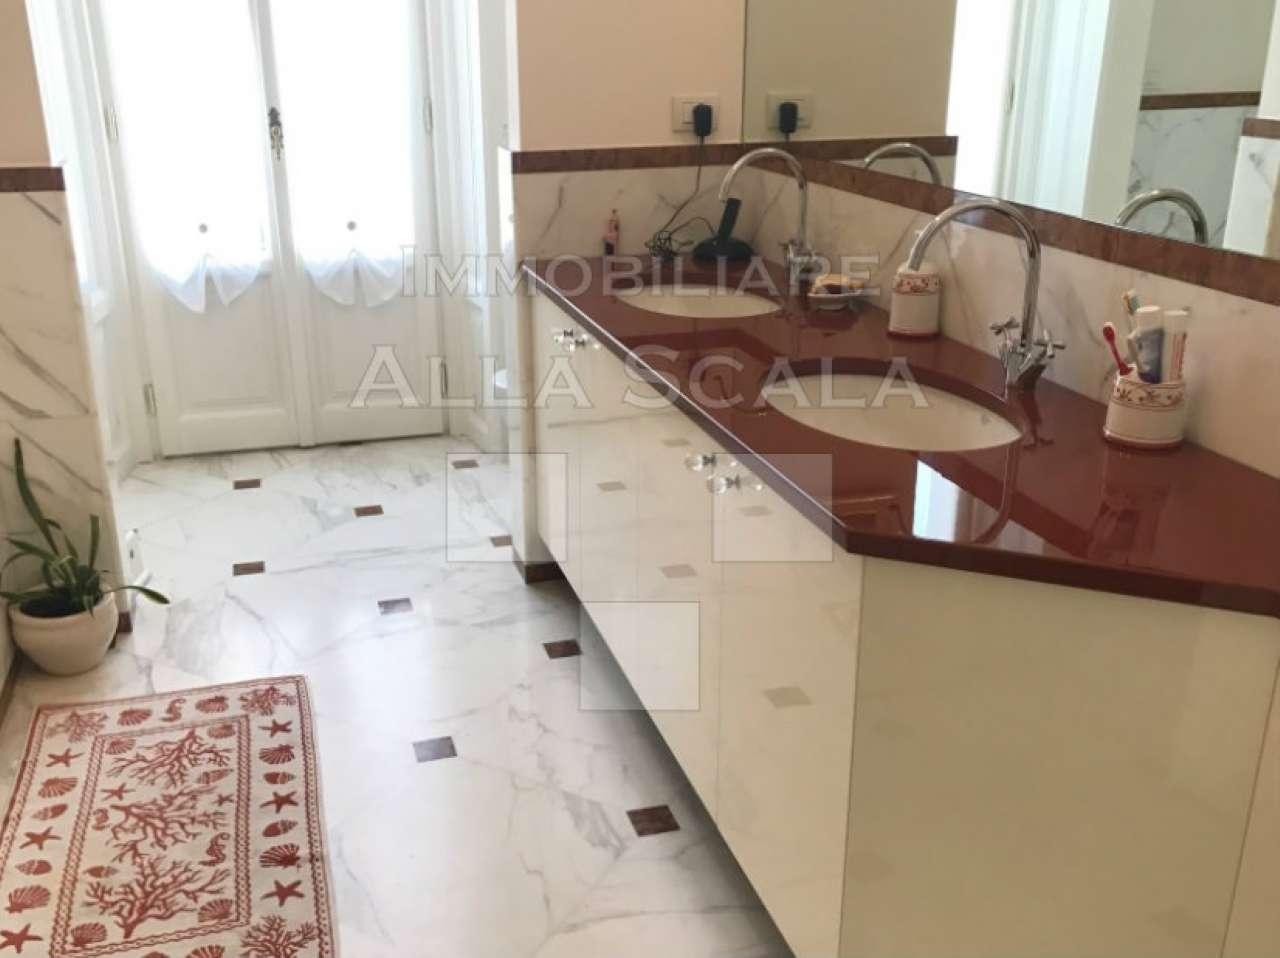 Appartamento in Vendita a Milano: 4 locali, 240 mq - Foto 8